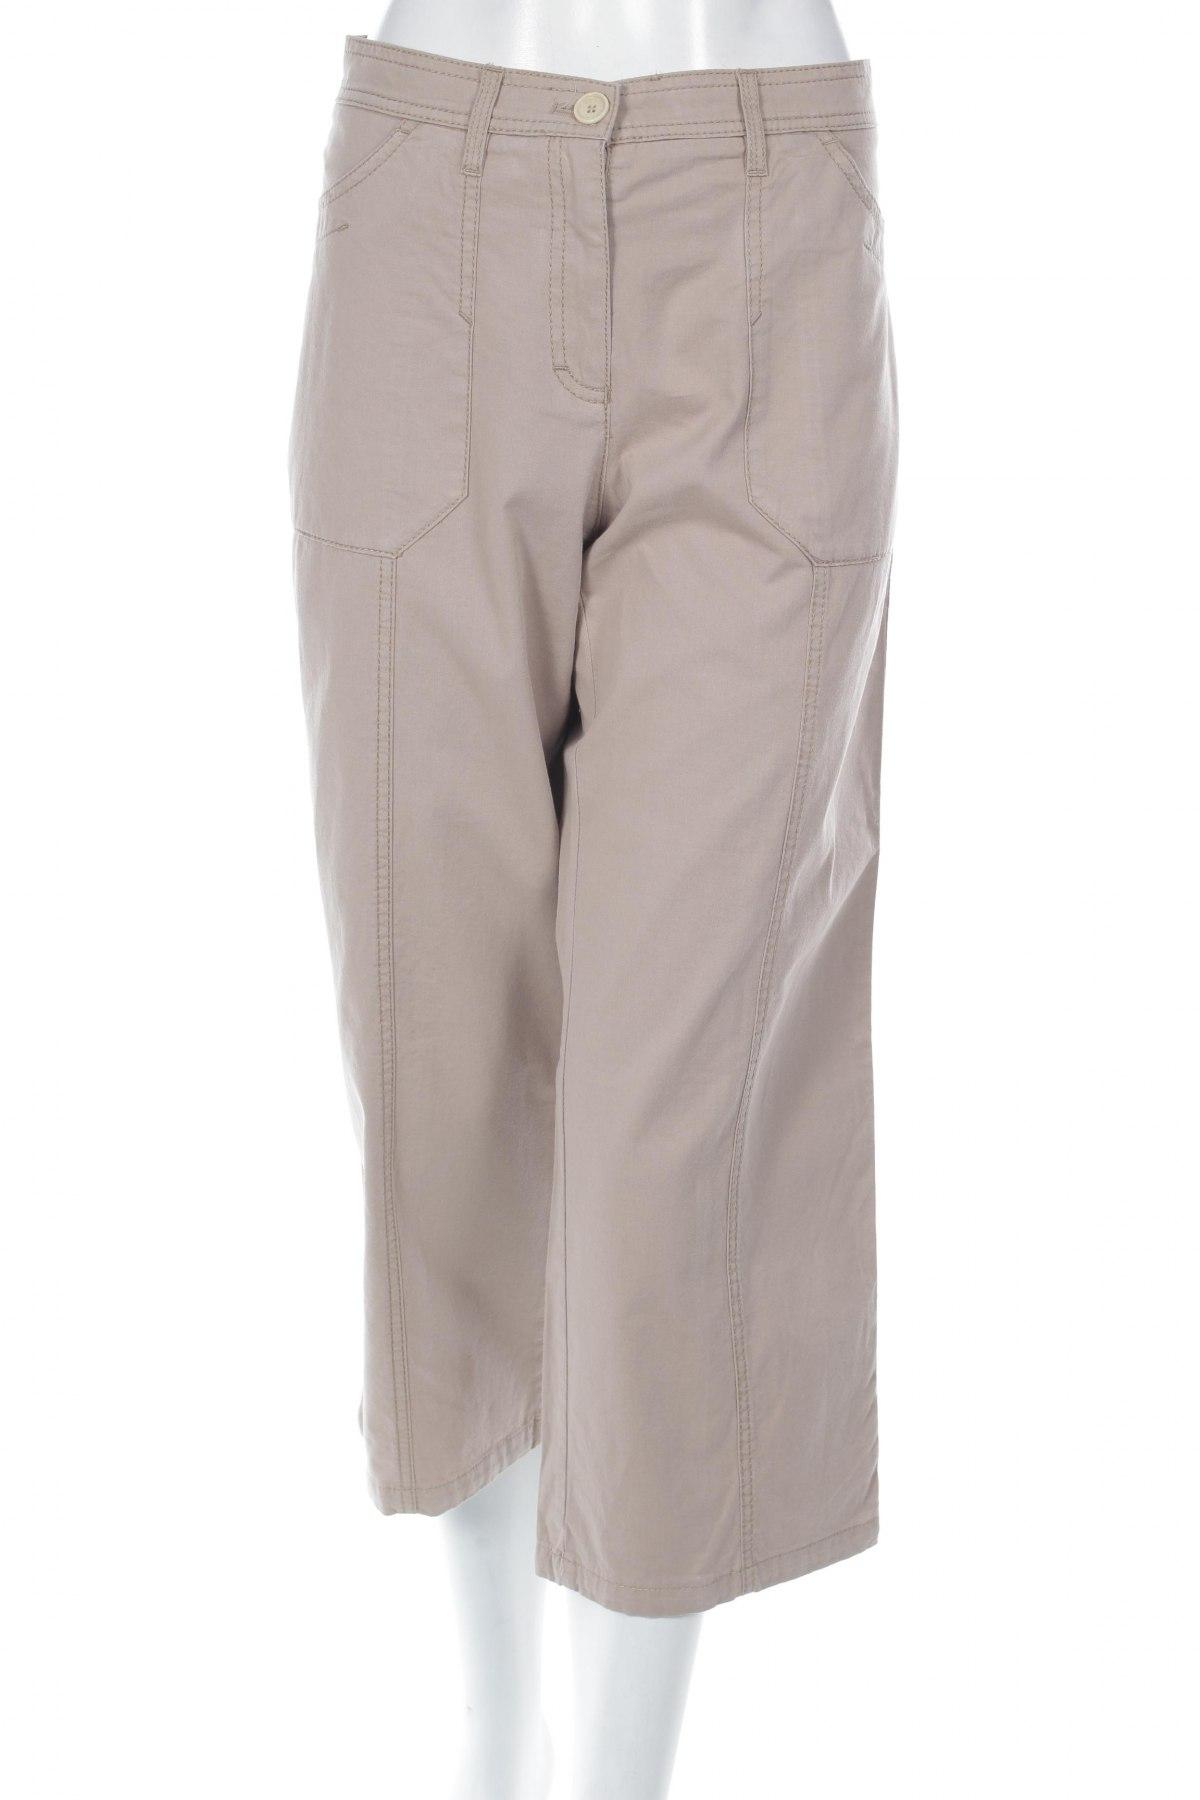 Dámske nohavice Brax - za výhodnú cenu na Remix -  6091915 cf579ee38dc